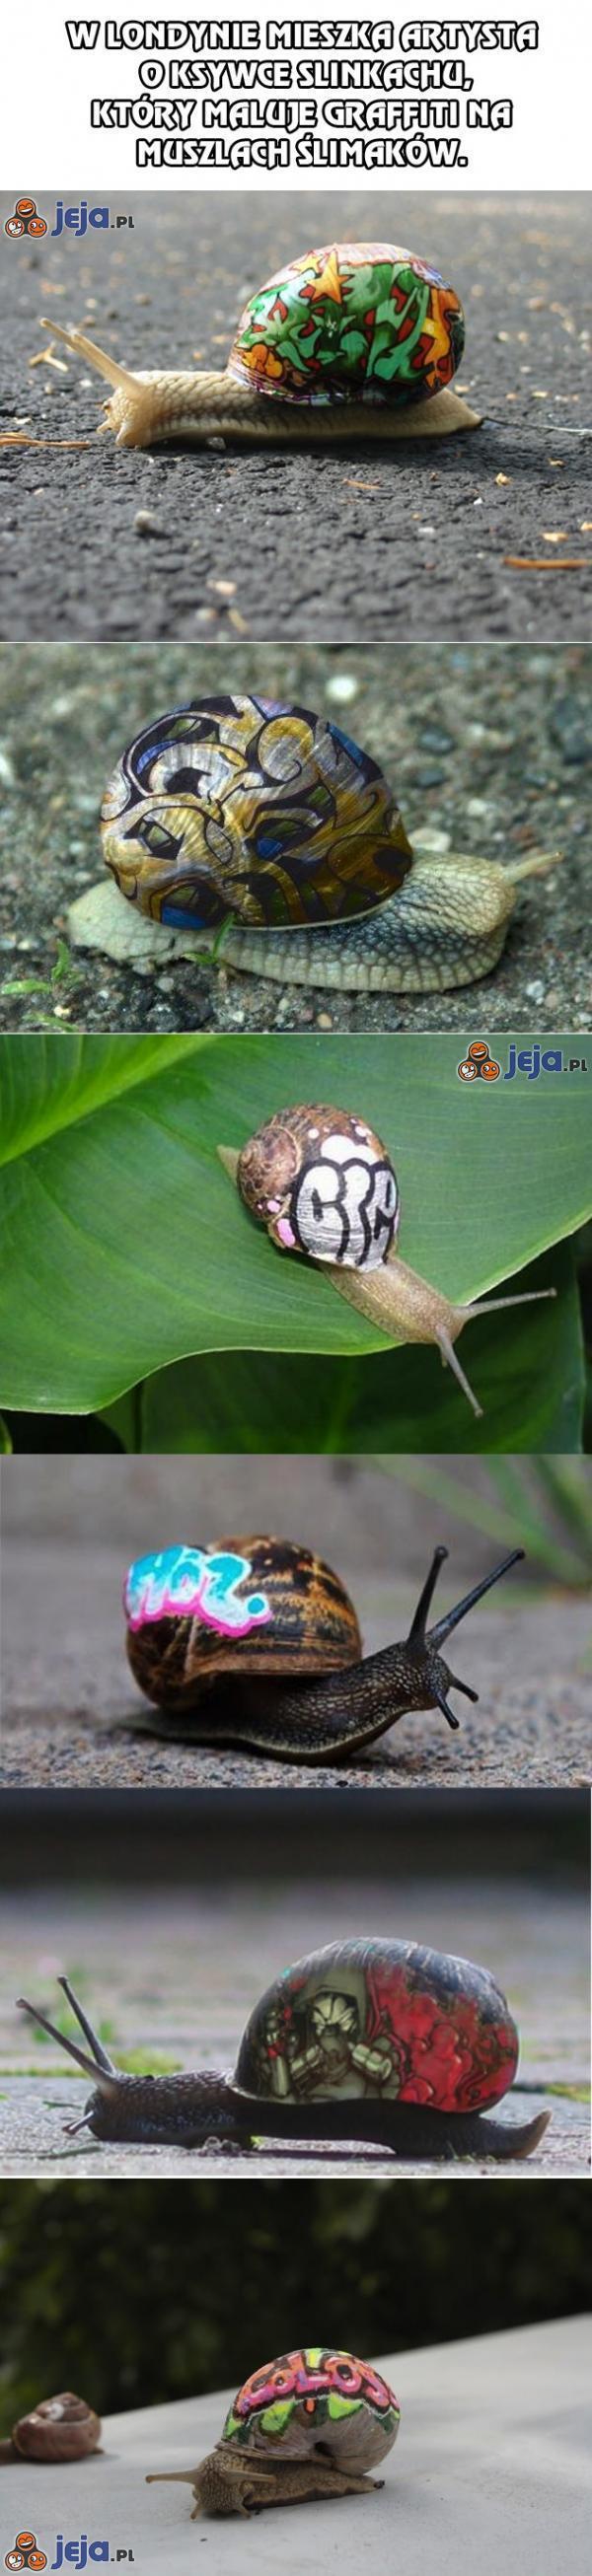 Artysta malujący graffiti na muszlach ślimaków